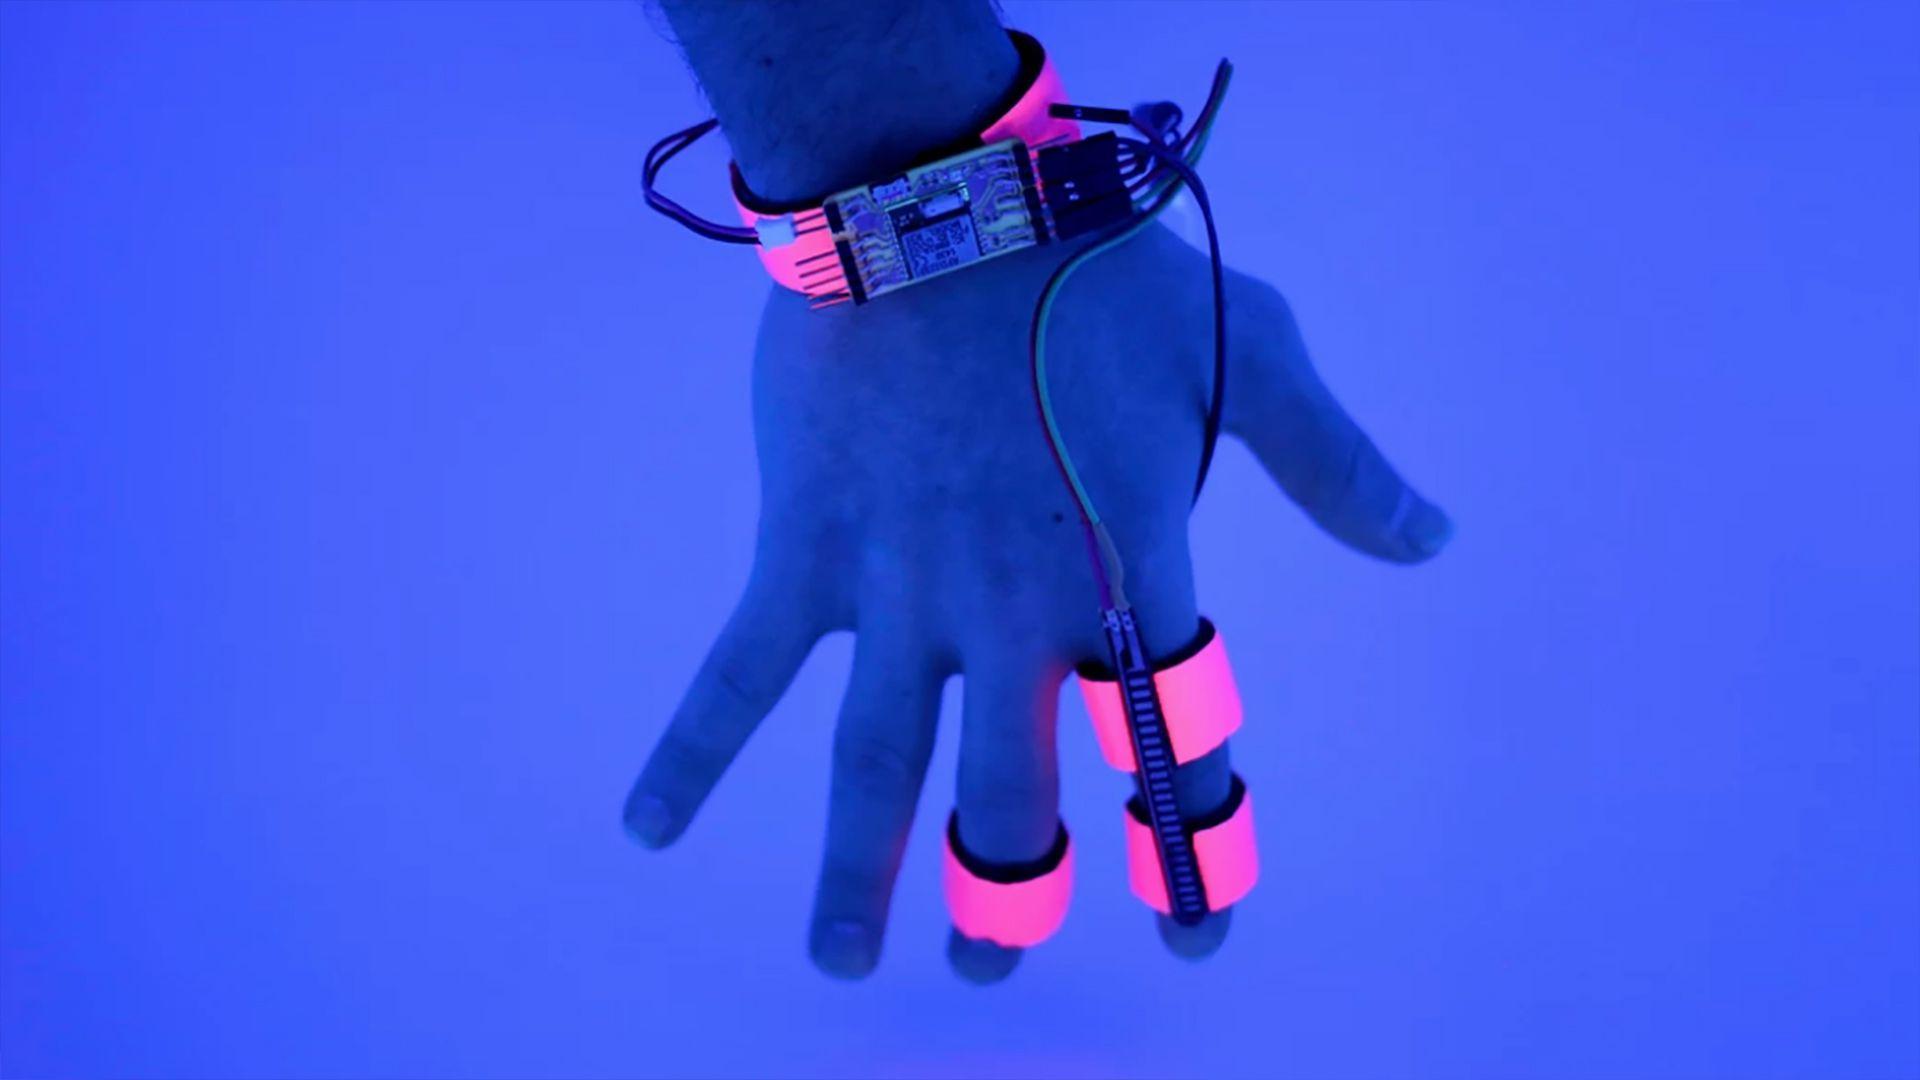 Dormio es un dispositivo electrónico portátil con sensores para generar automáticamente incubaciones auditivas en serie al comienzo del sueño (Oscar Rosello/MIT)